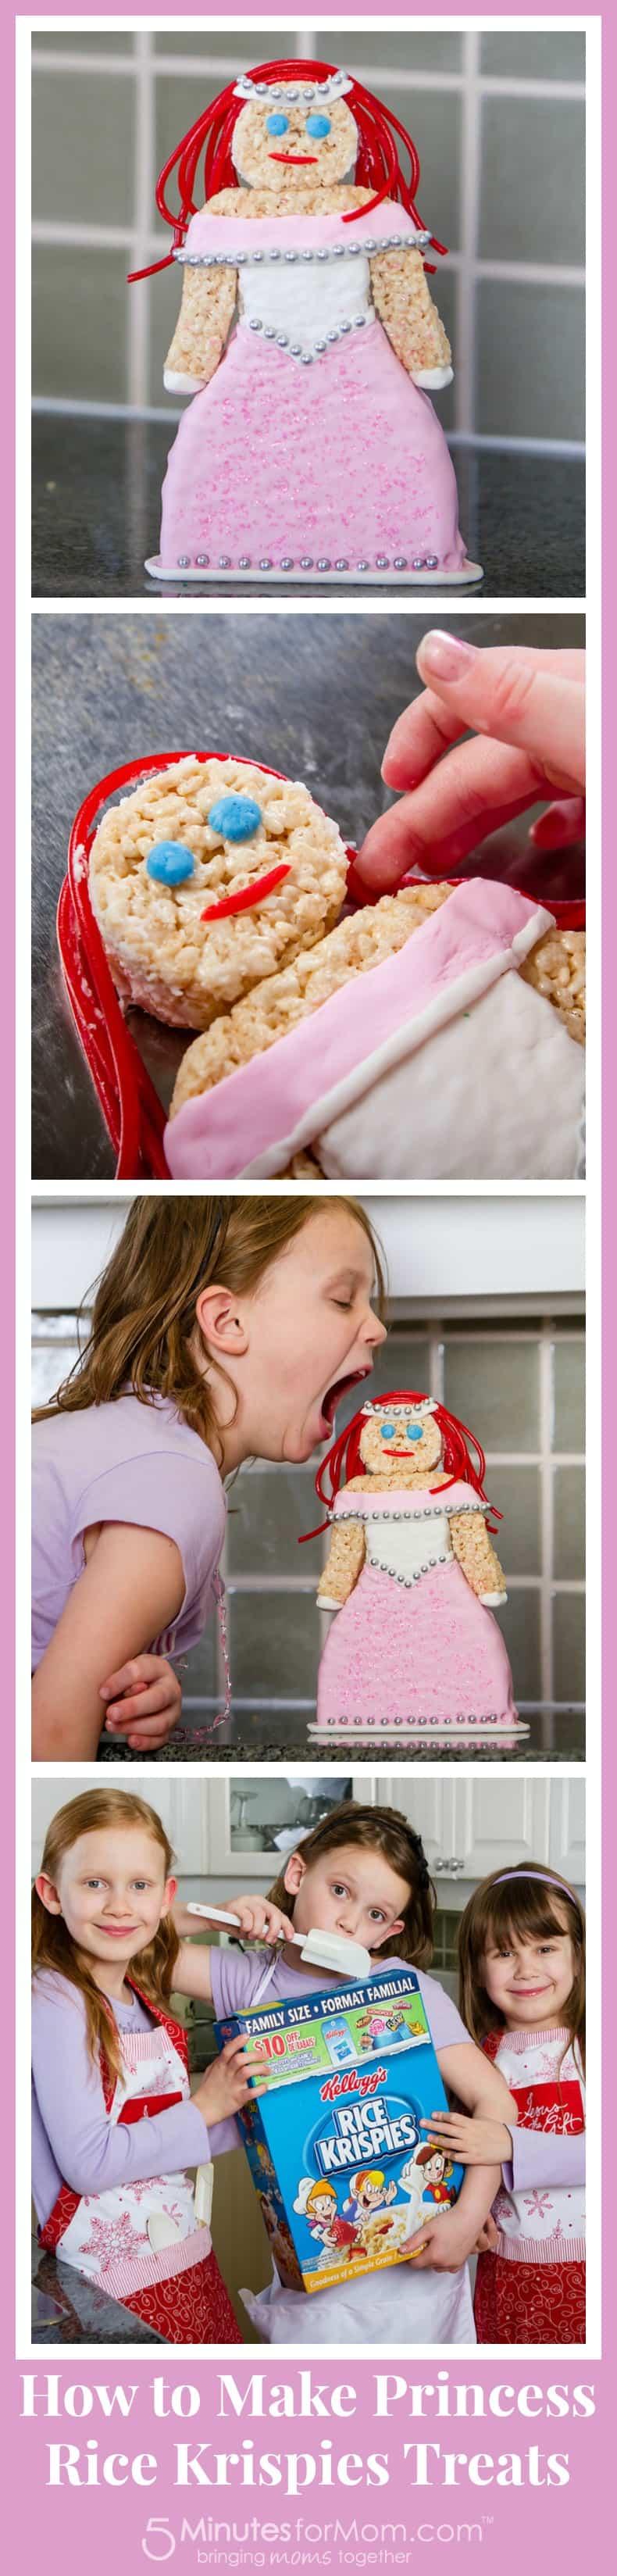 Princess Rice Krispies Treats